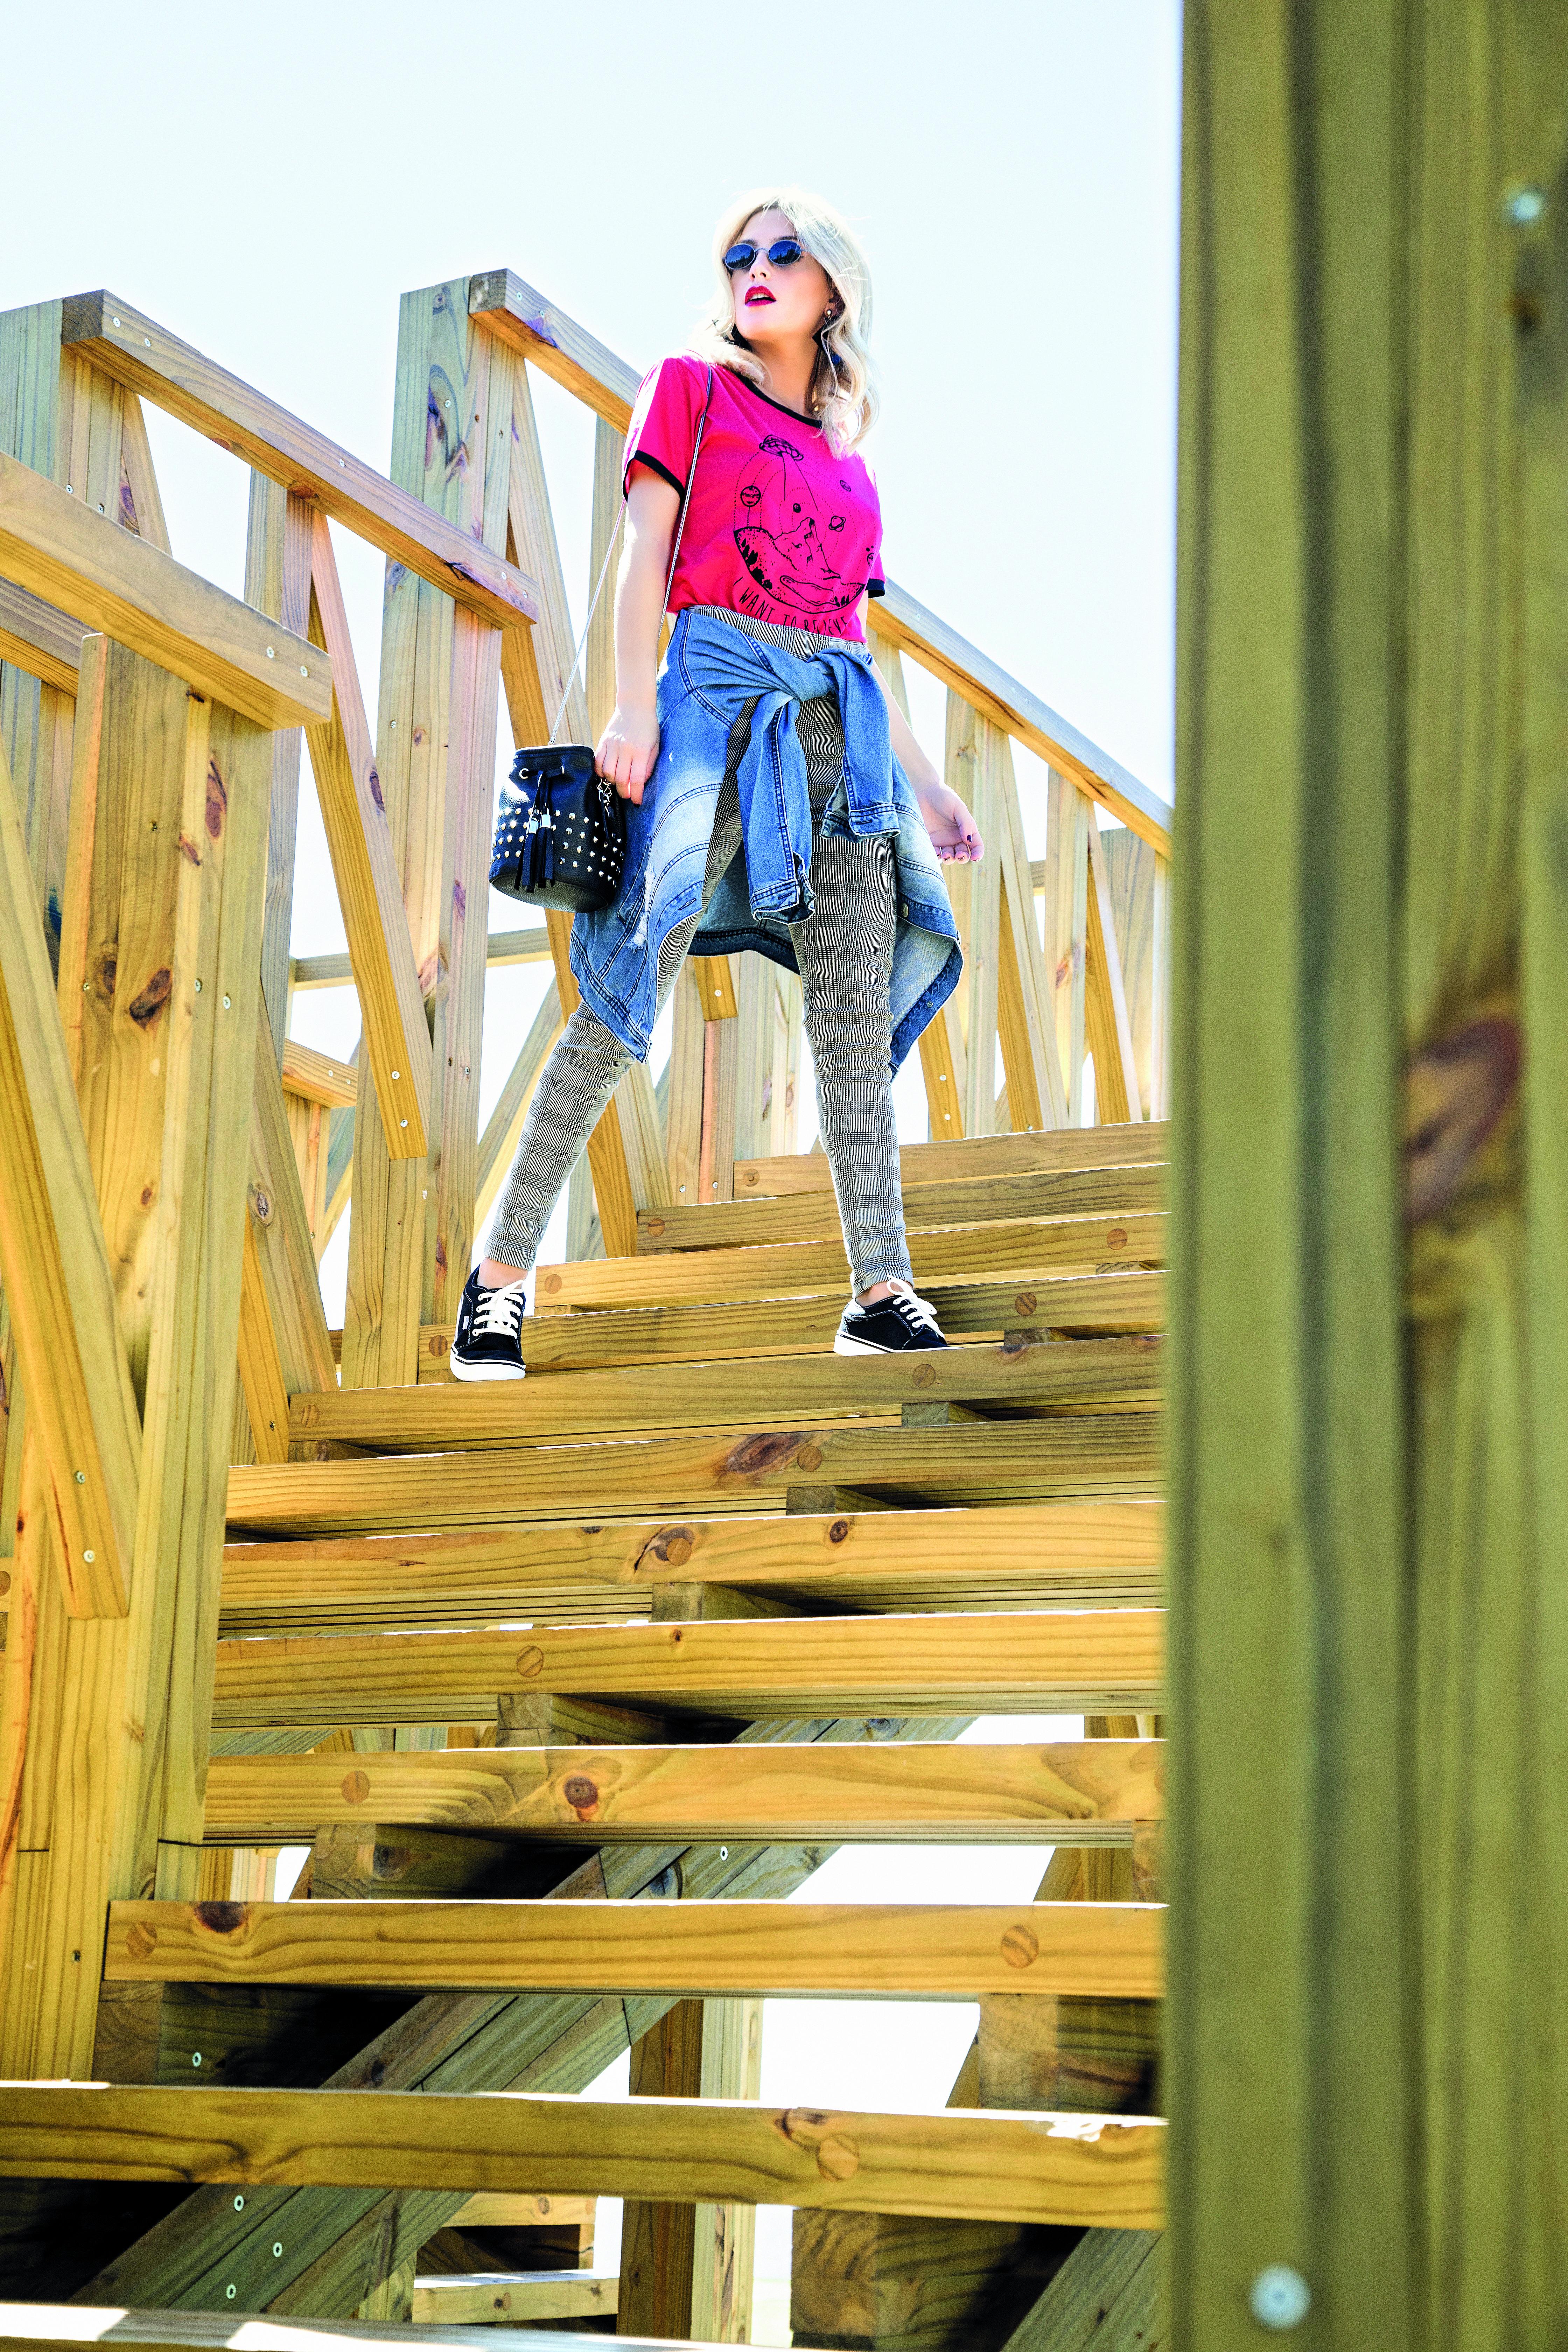 Remera con dibujo estilo retro (Union Good), maxicampera ($ 1.500, Doll Fins), calza príncipe de gales (Scombro), gafas vintage ($ 650, Mixxed Outlet), aros de acrílico ($ 70, Infinita accesorios), bandolera con tachas ($ 1.100, Grove Argentina) y zapatillas urbanas de gamuza ($1.060, Doll Fins).